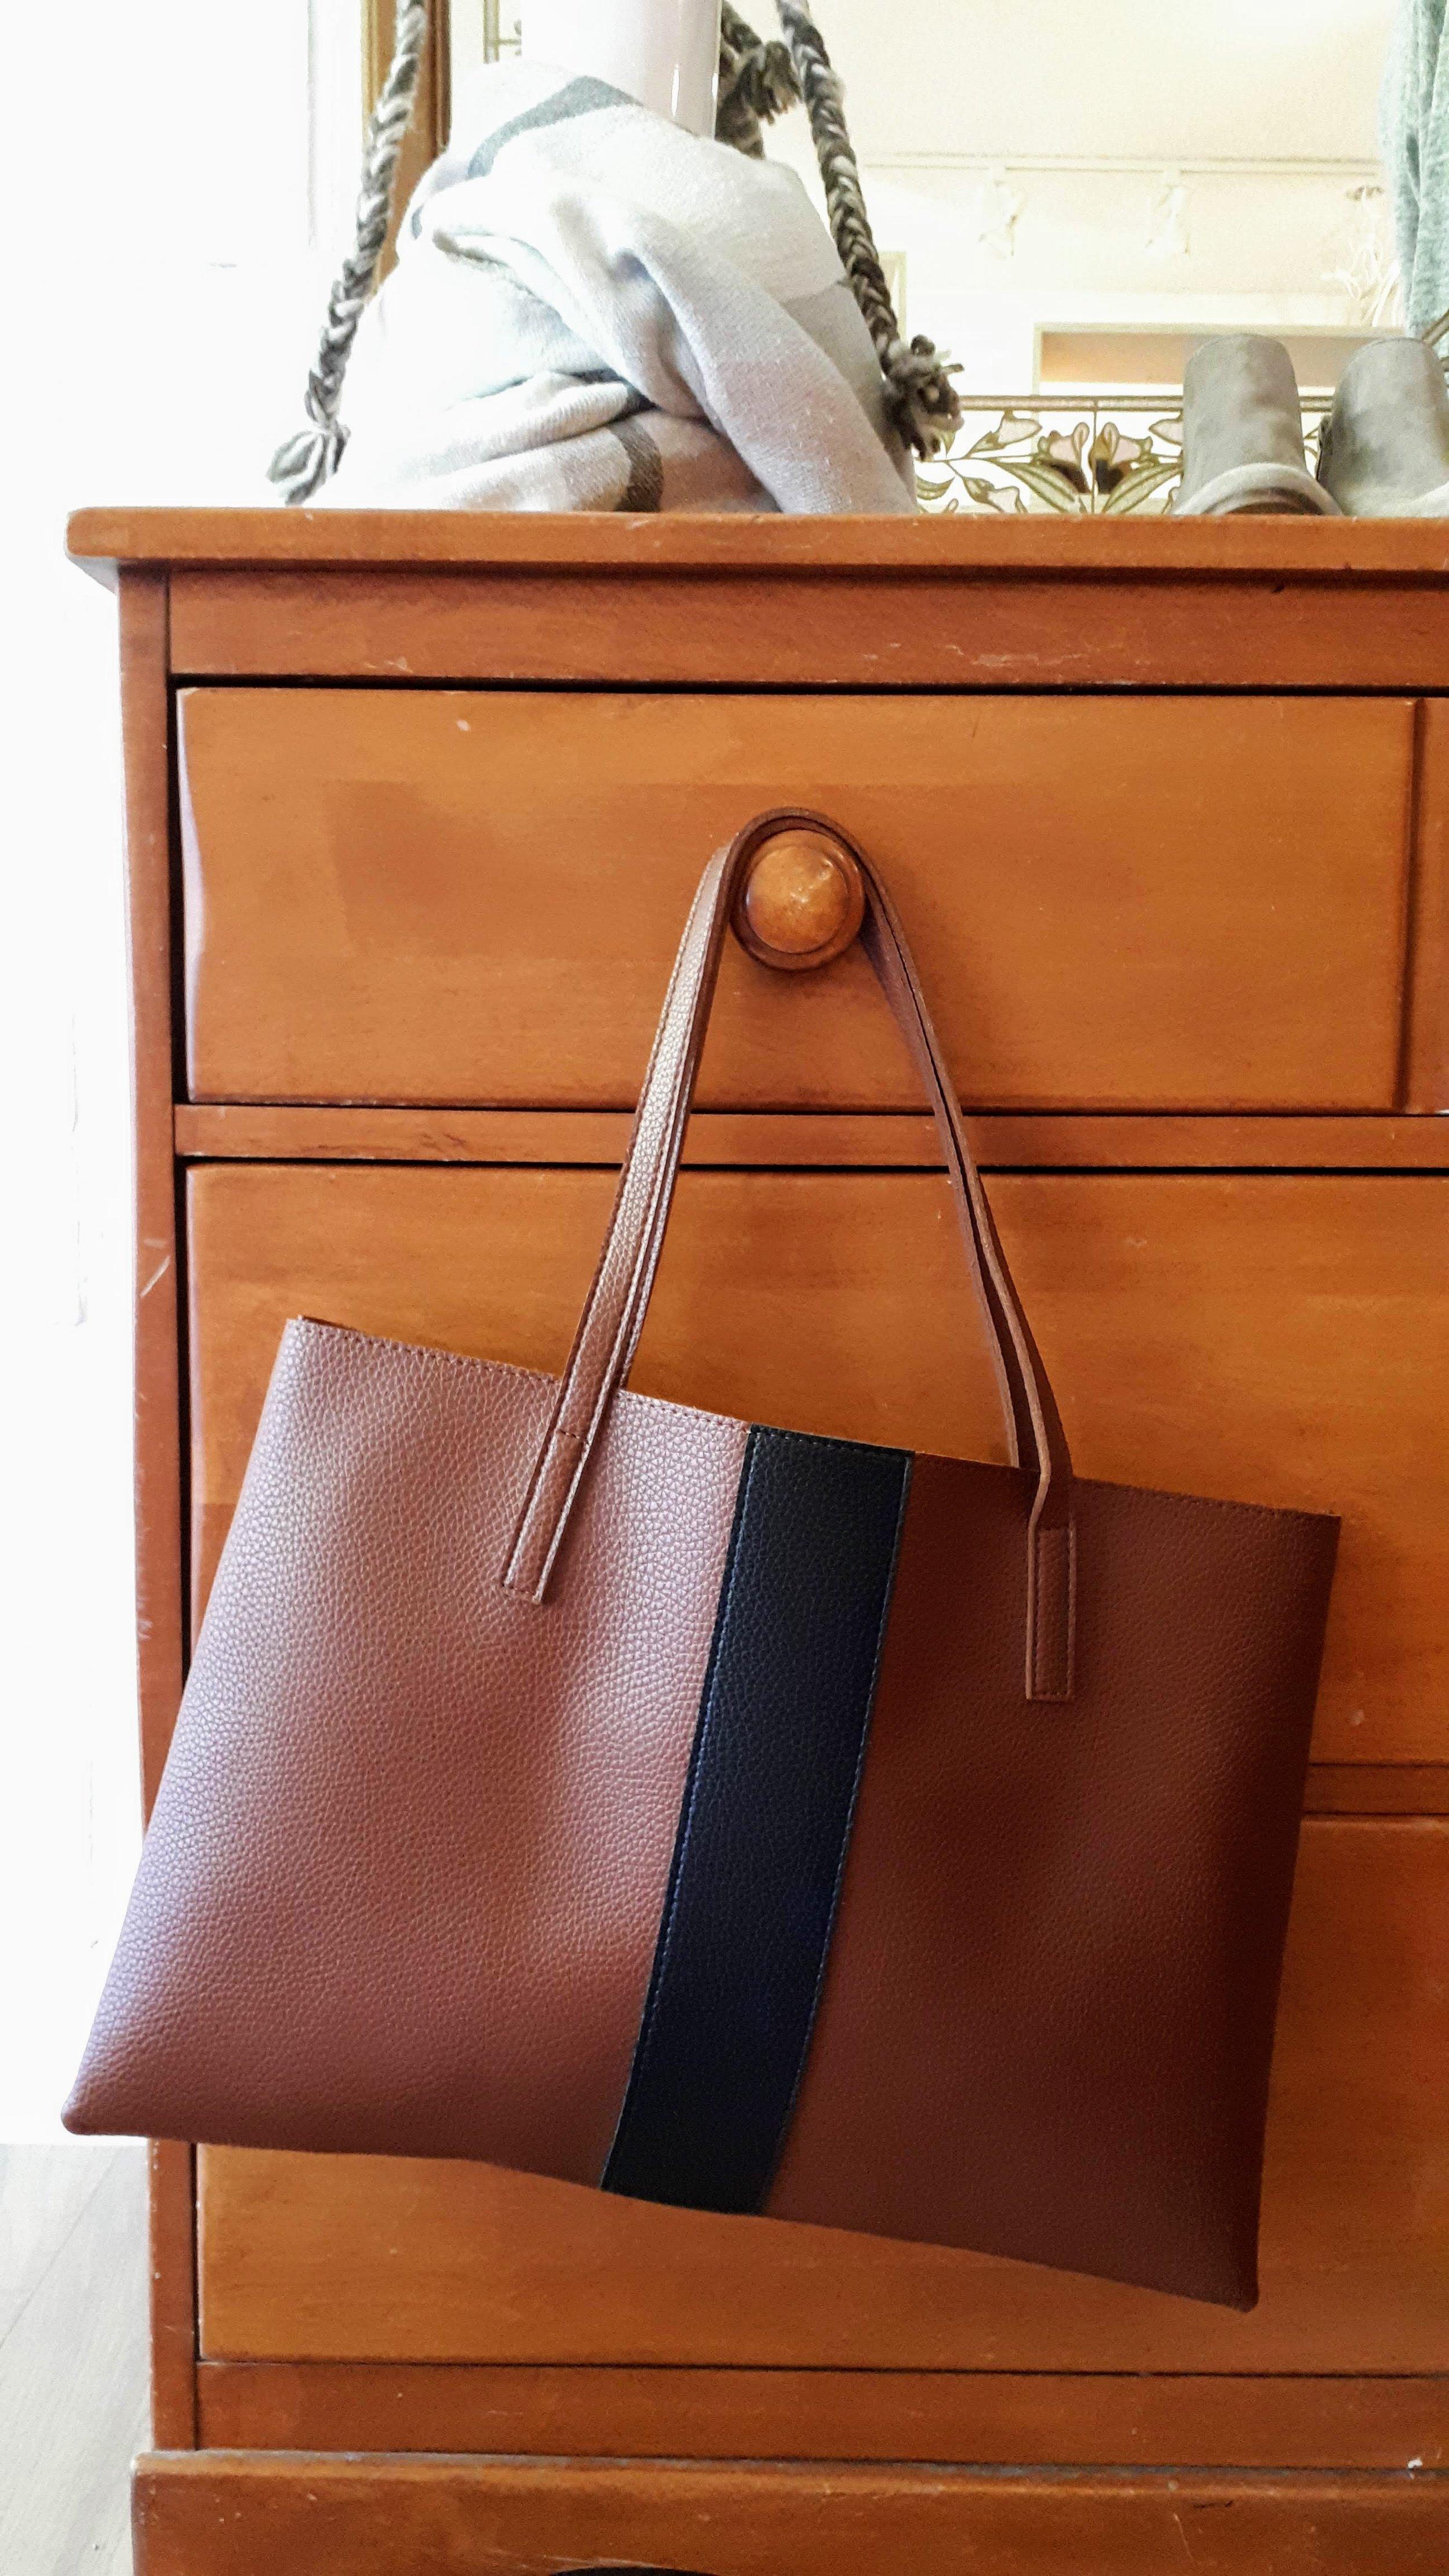 Vince Camuto bag, $62